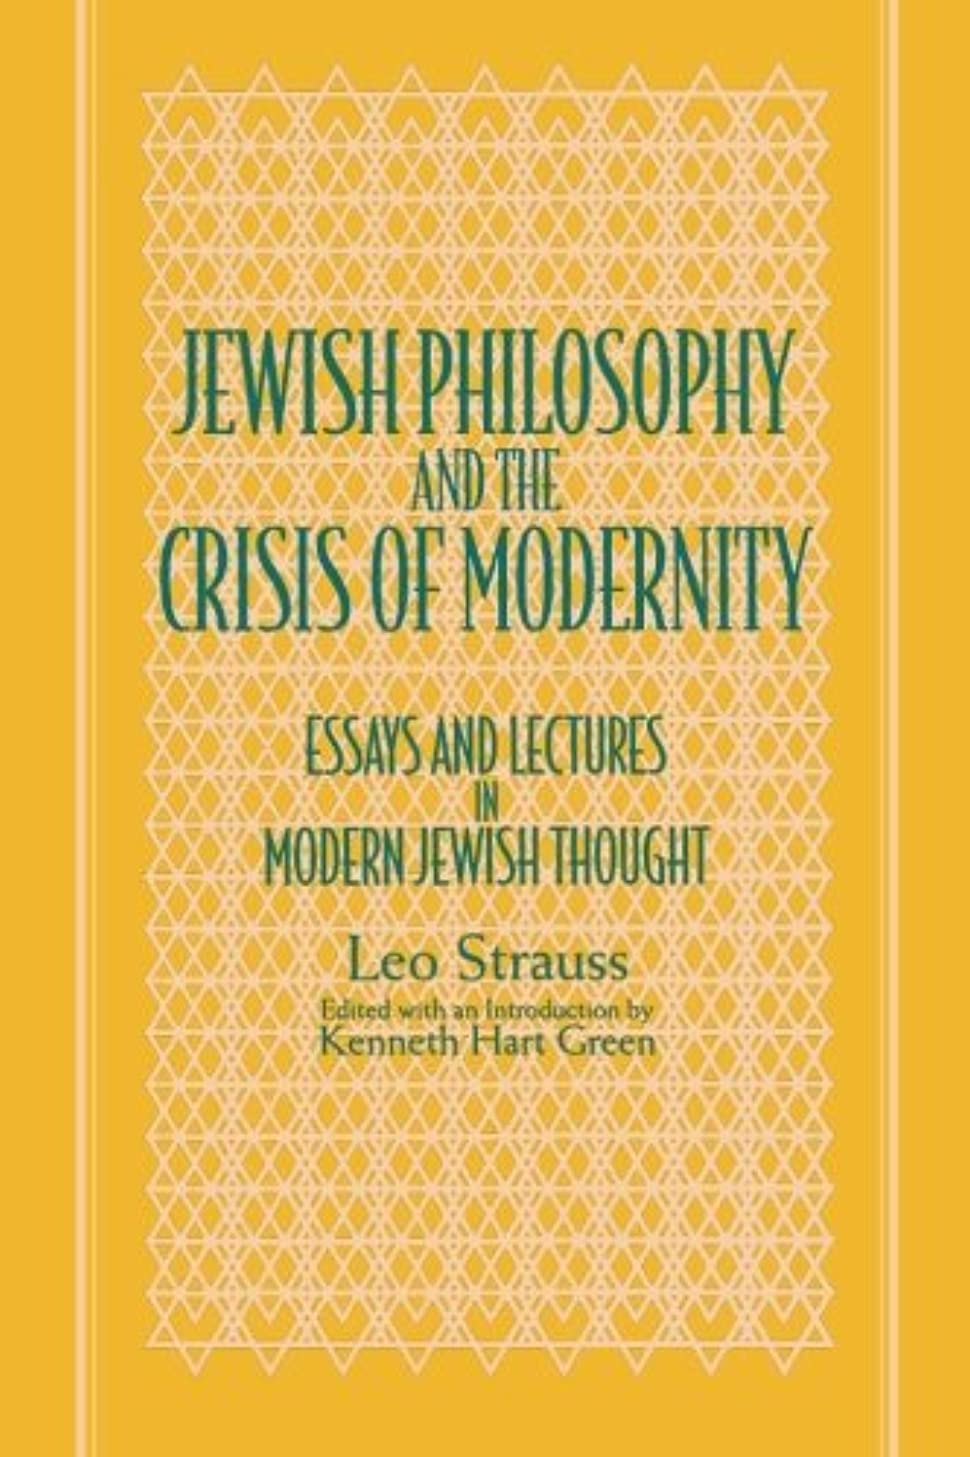 連想ハイライト安定Jewish Philosophy and the Crisis of Modernity: Essays and Lectures in Modern Jewish Thought (Suny Series in the Jewish Writings of Leo Strauss)